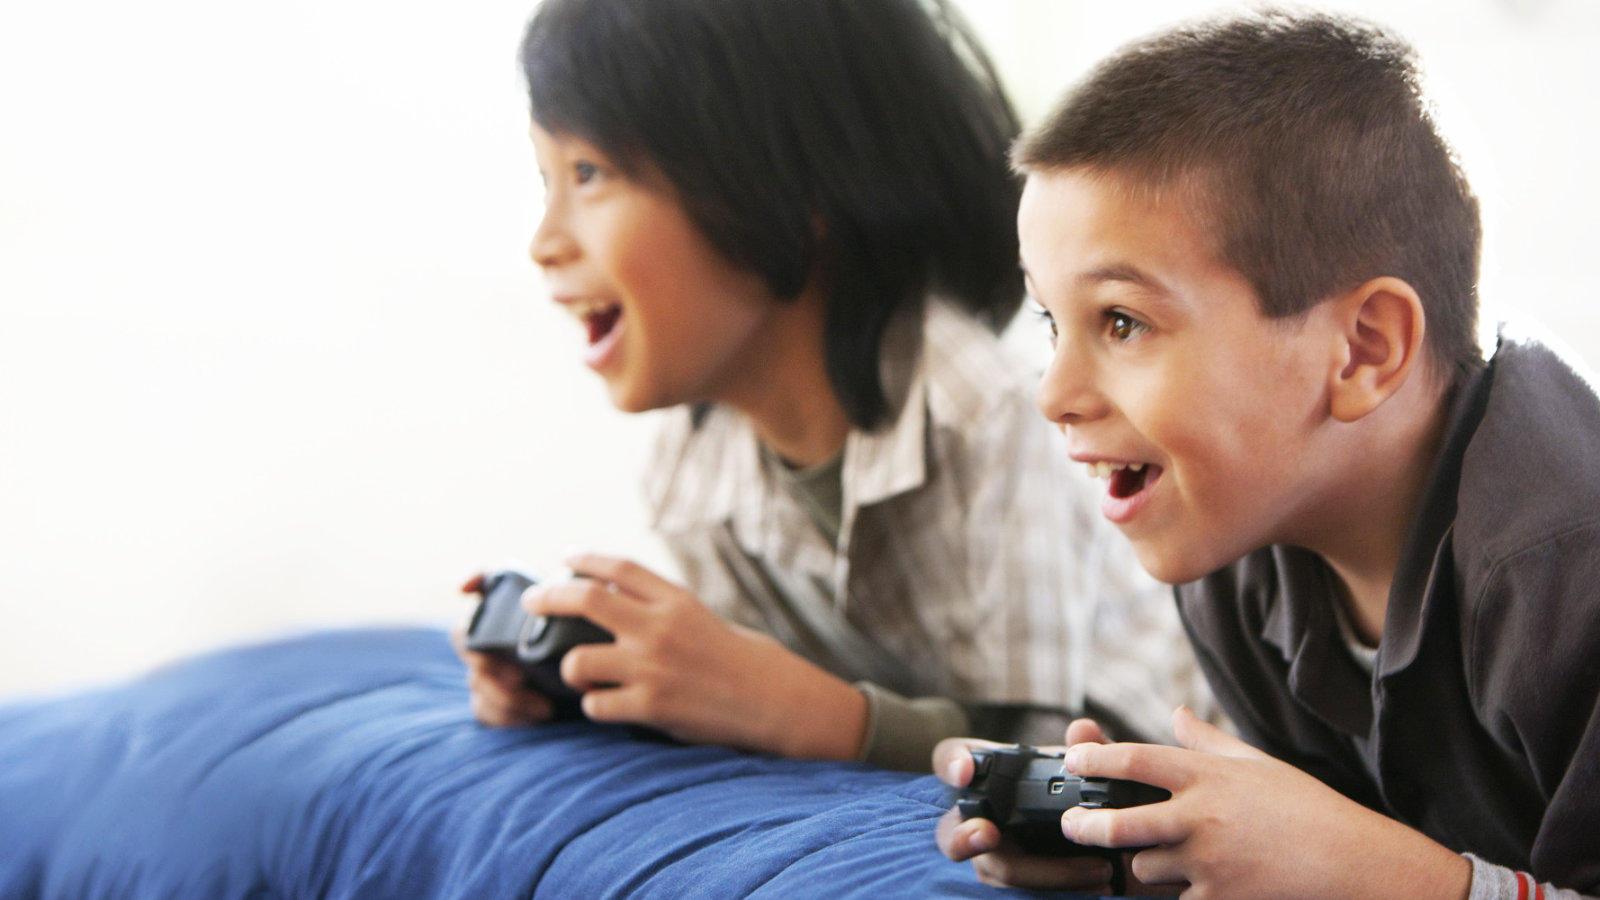 Comment Bien Choisir Un Jeu Vidéo ? 2Ème Partie : Pour Les dedans Jeux Pour Enfant 7 Ans